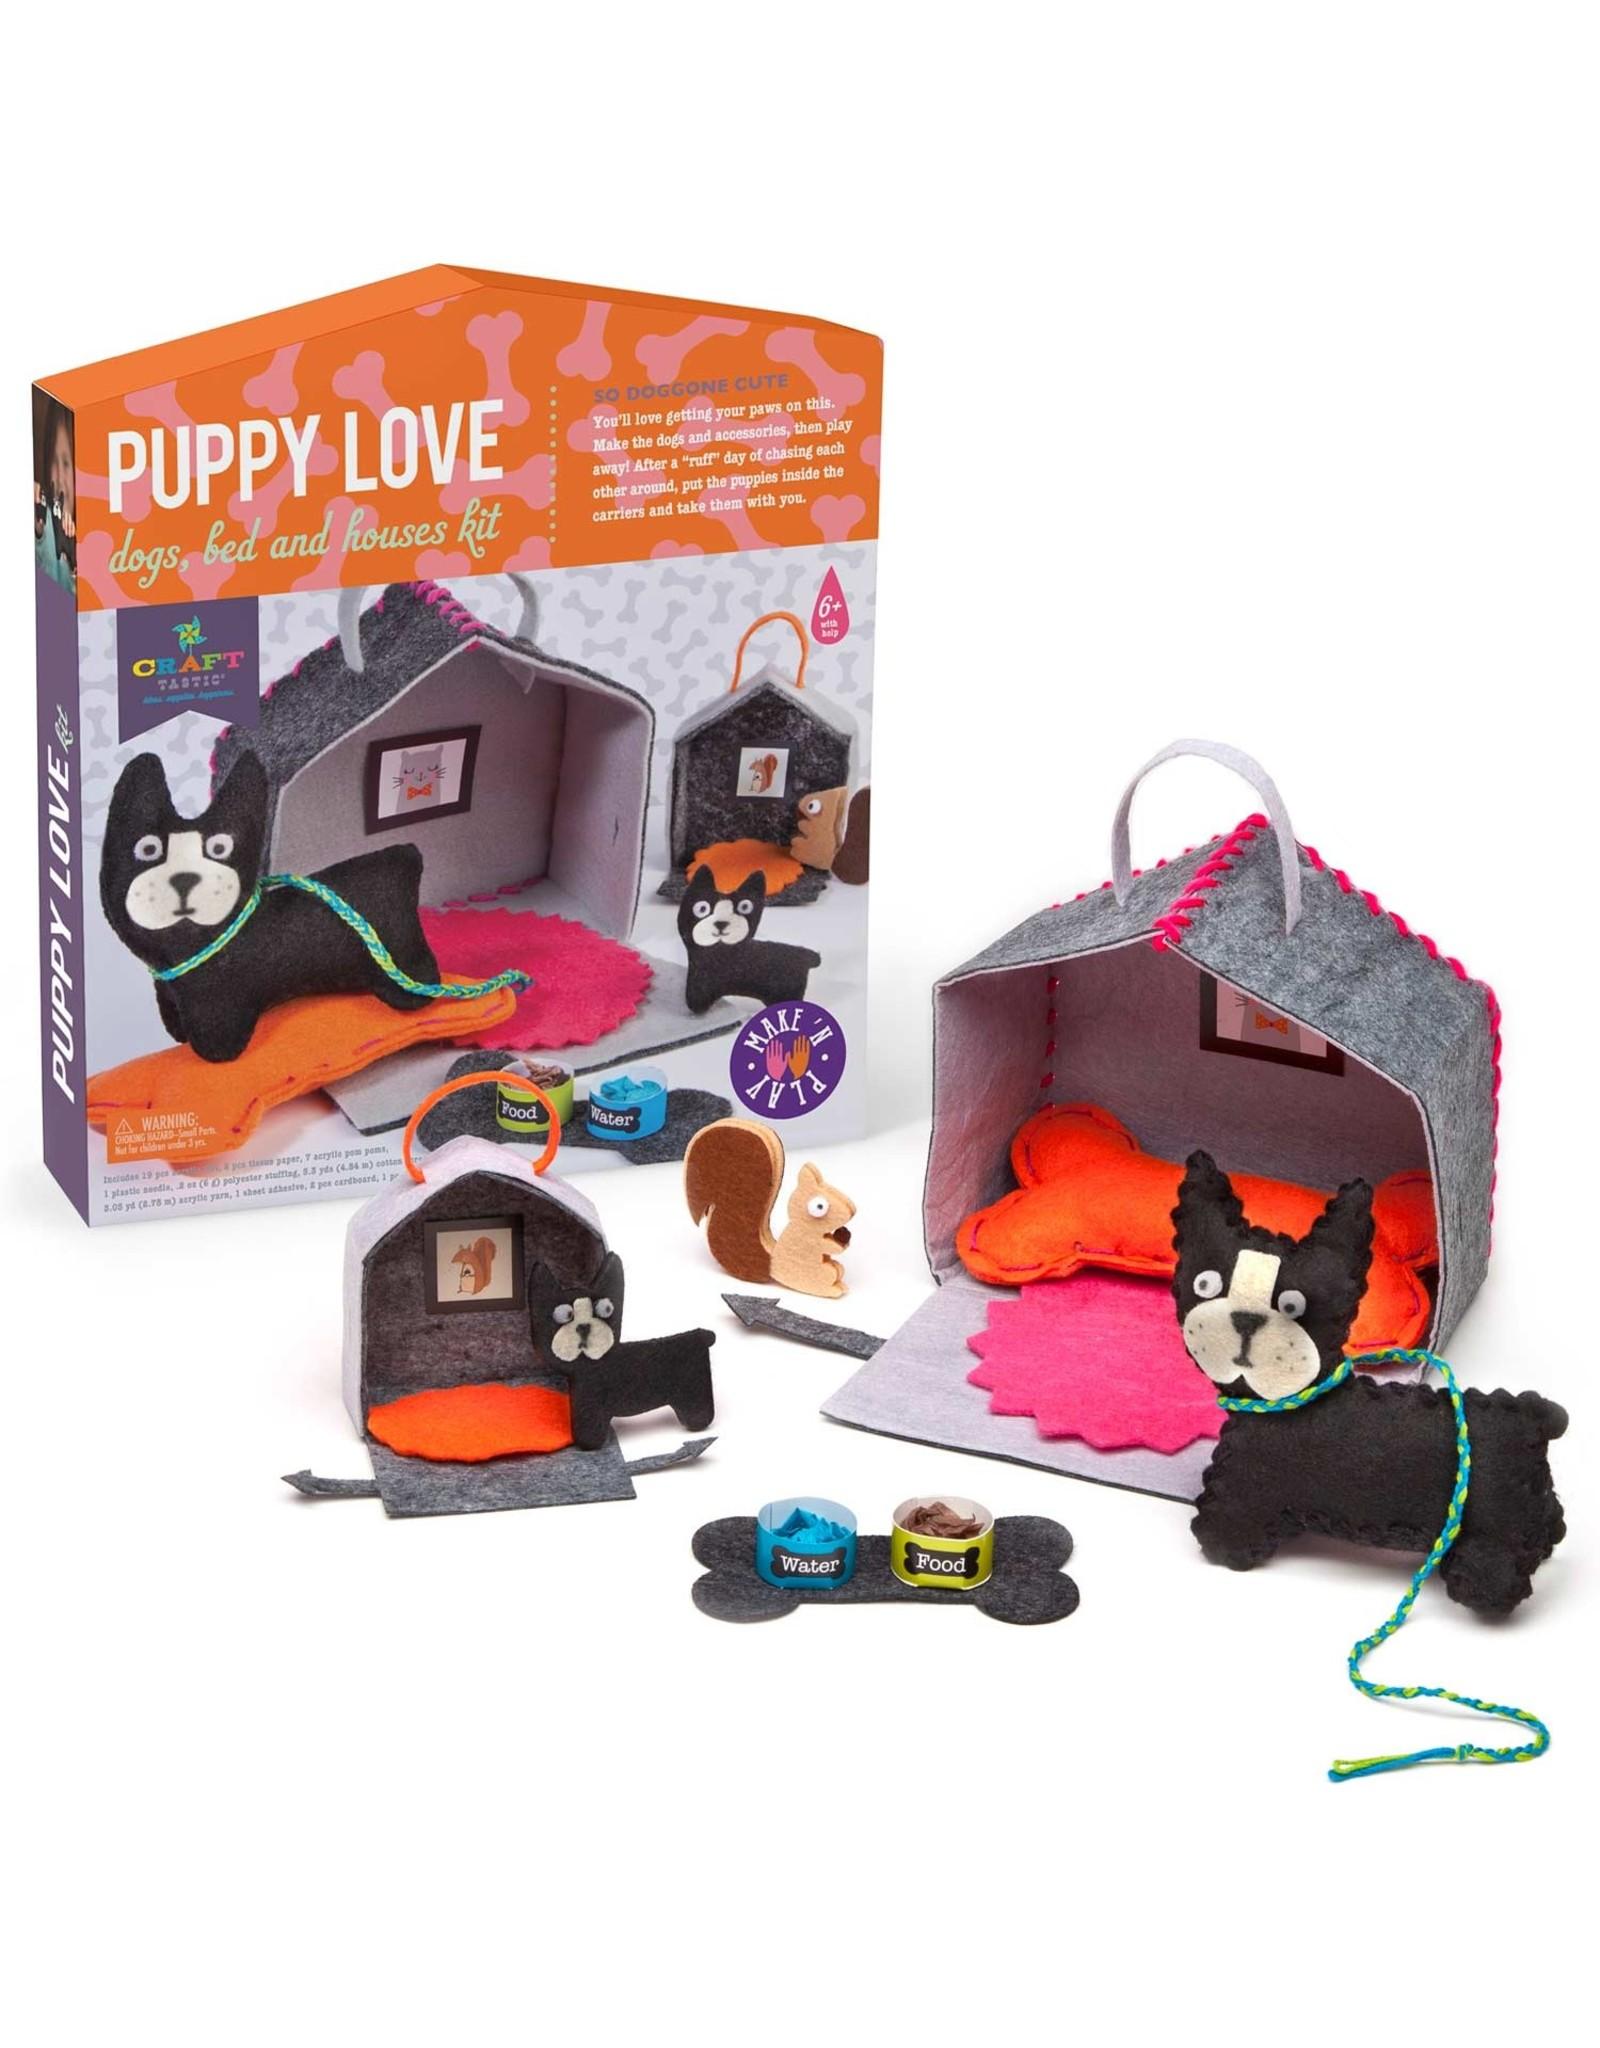 Puppy Love Kit